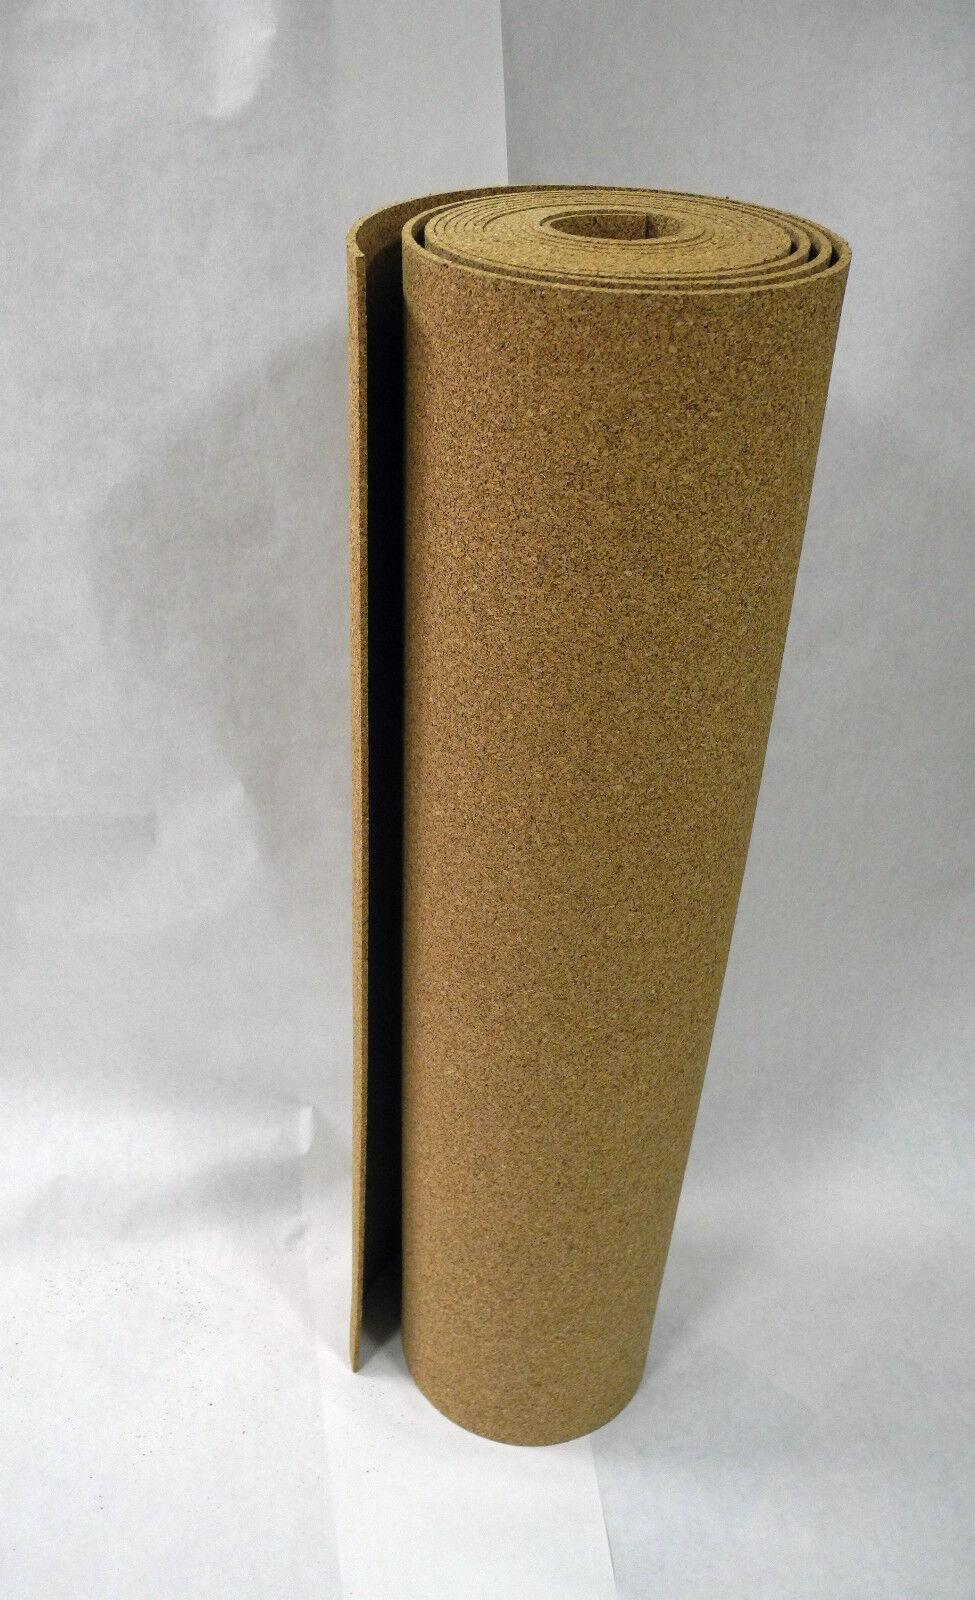 8 mm Rollenkork, Kork 5 m², Dämmunterlage, Schallisolierung, Akustik ,Pinnwand